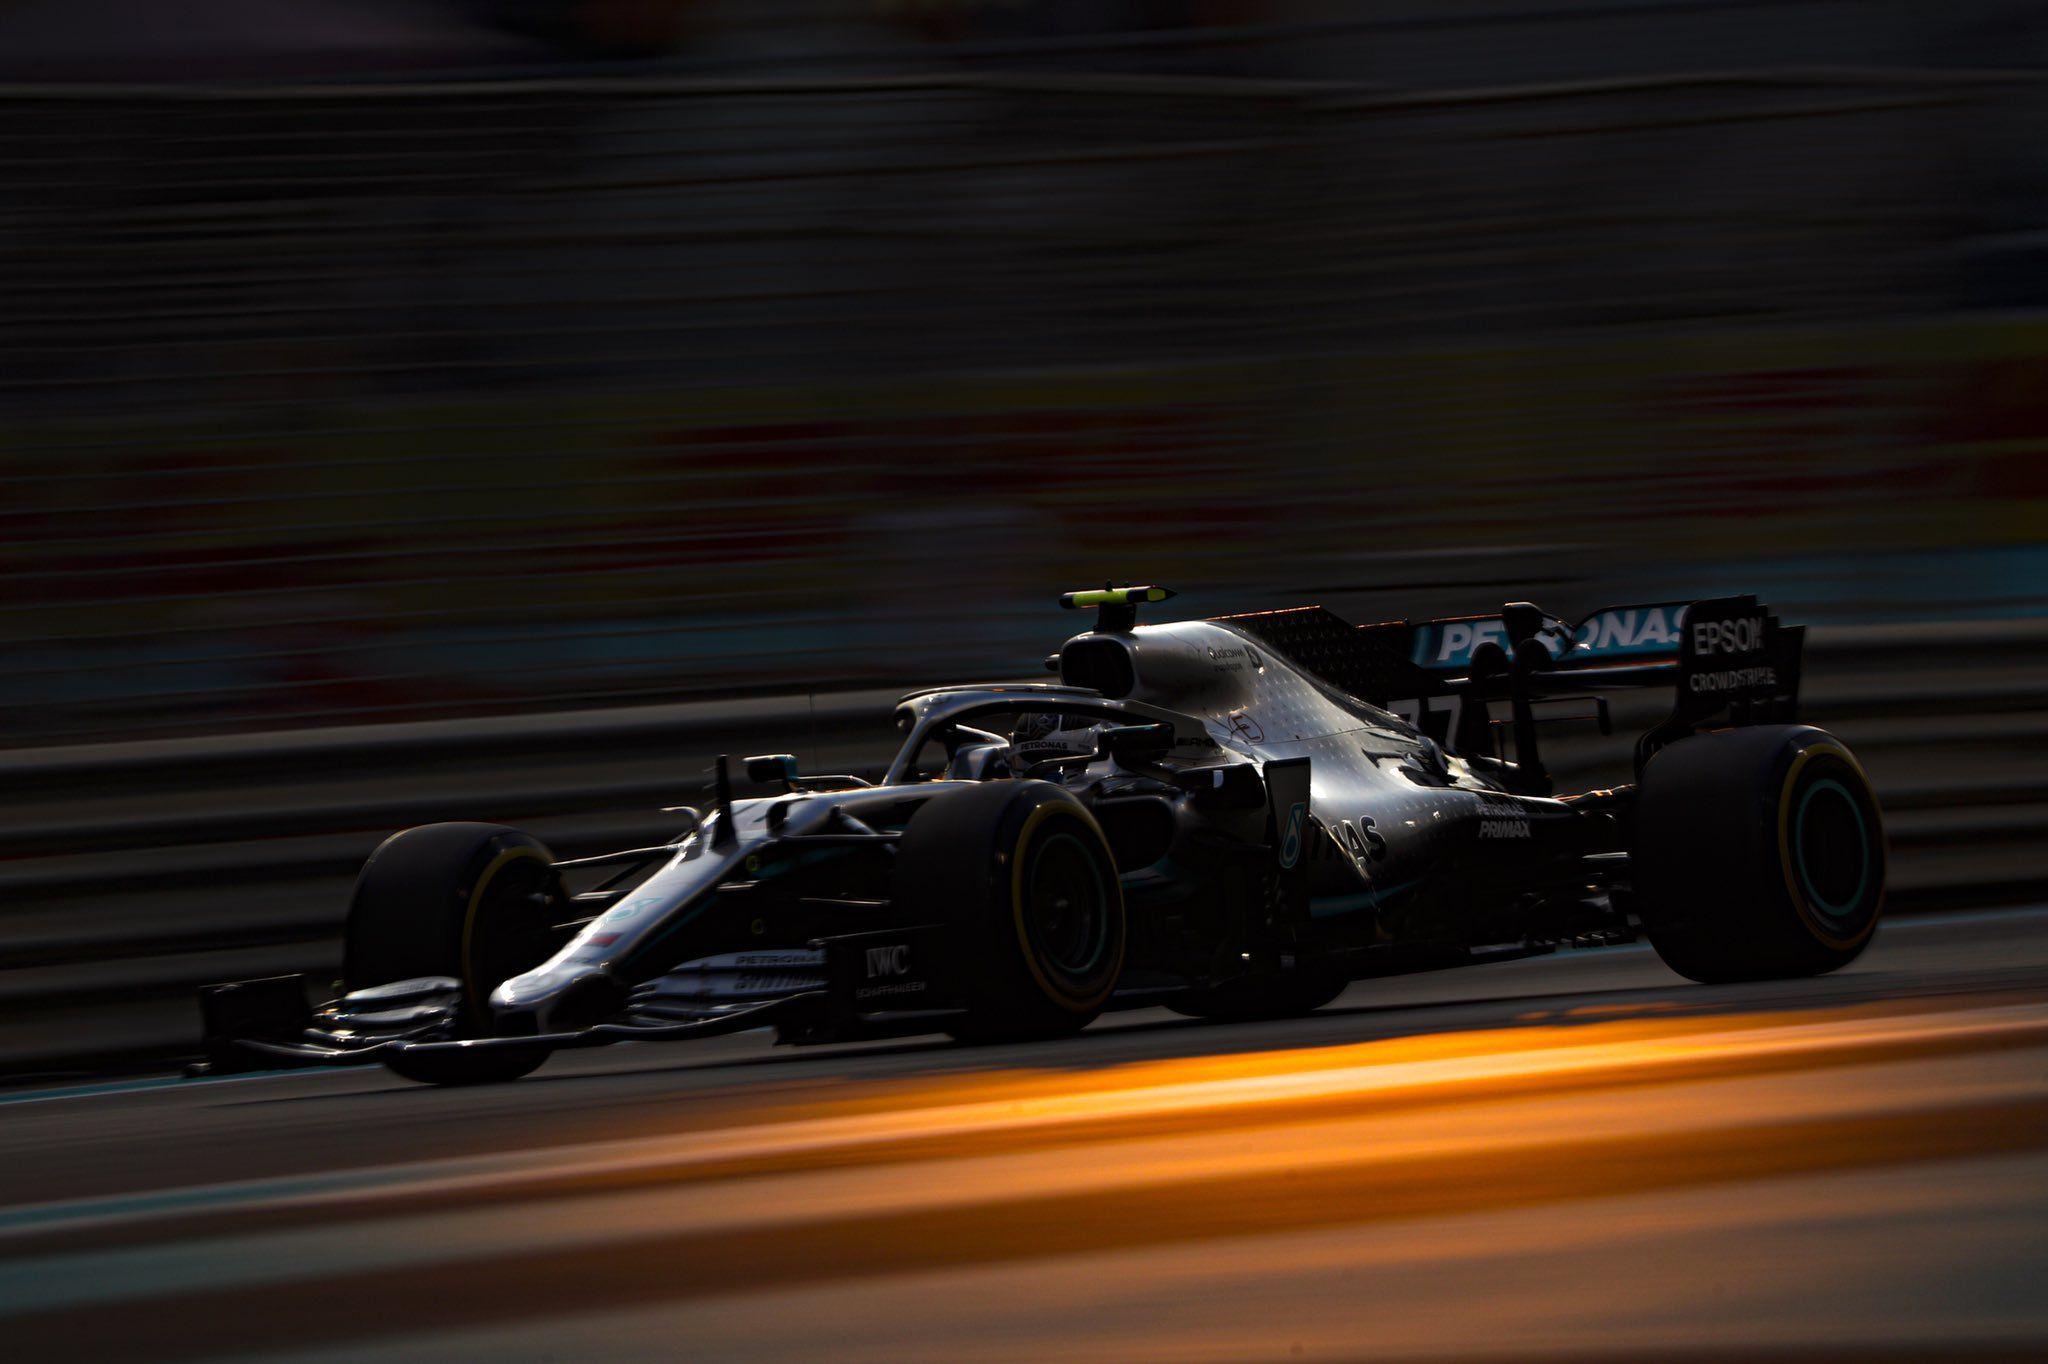 Valtteri Bottas, Abu Dhabi GP